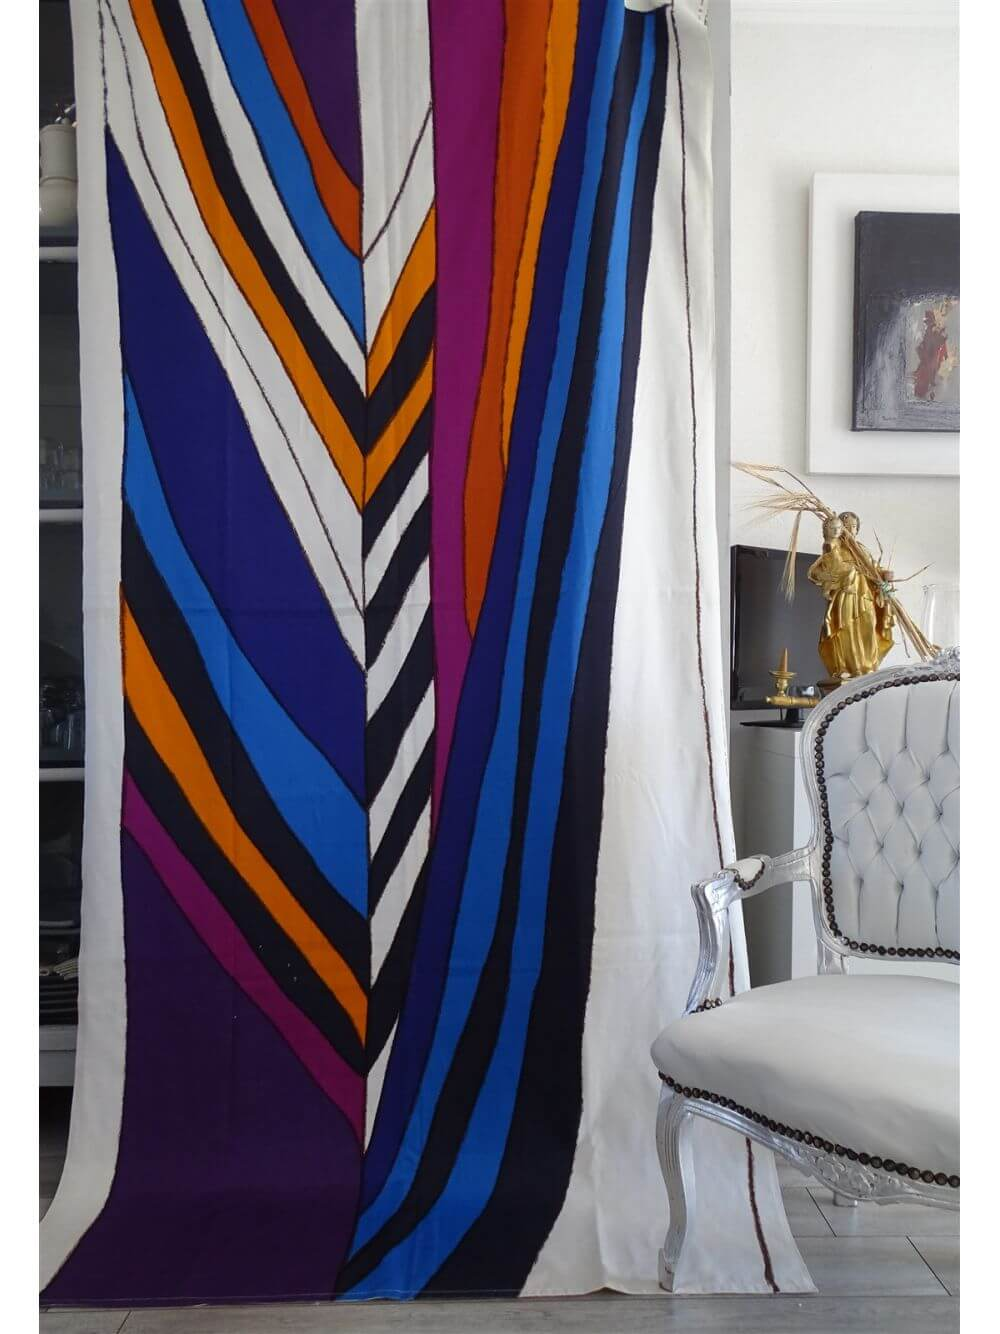 1972 knoll international toile de coton epaisse tenture gretl et leo wolner designer - 9 objets rétro à intégrer dans une décoration vintage